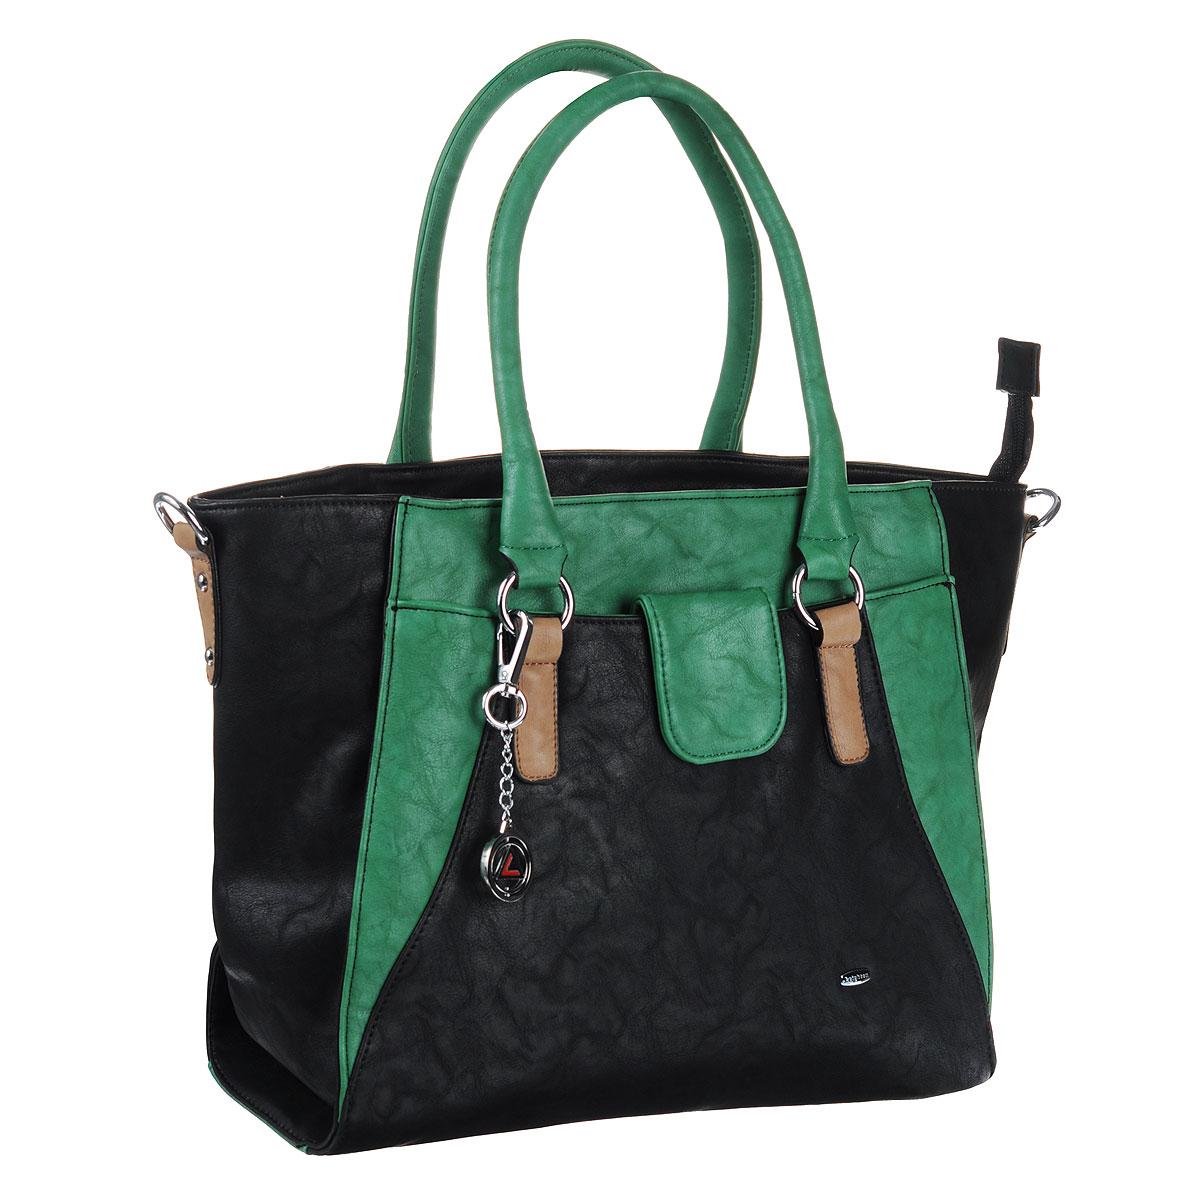 Сумка женская Leighton, цвет: черный, зеленый. 580423-6090/1112/501/6095 ( 580423-6090/1112/501/6095 )